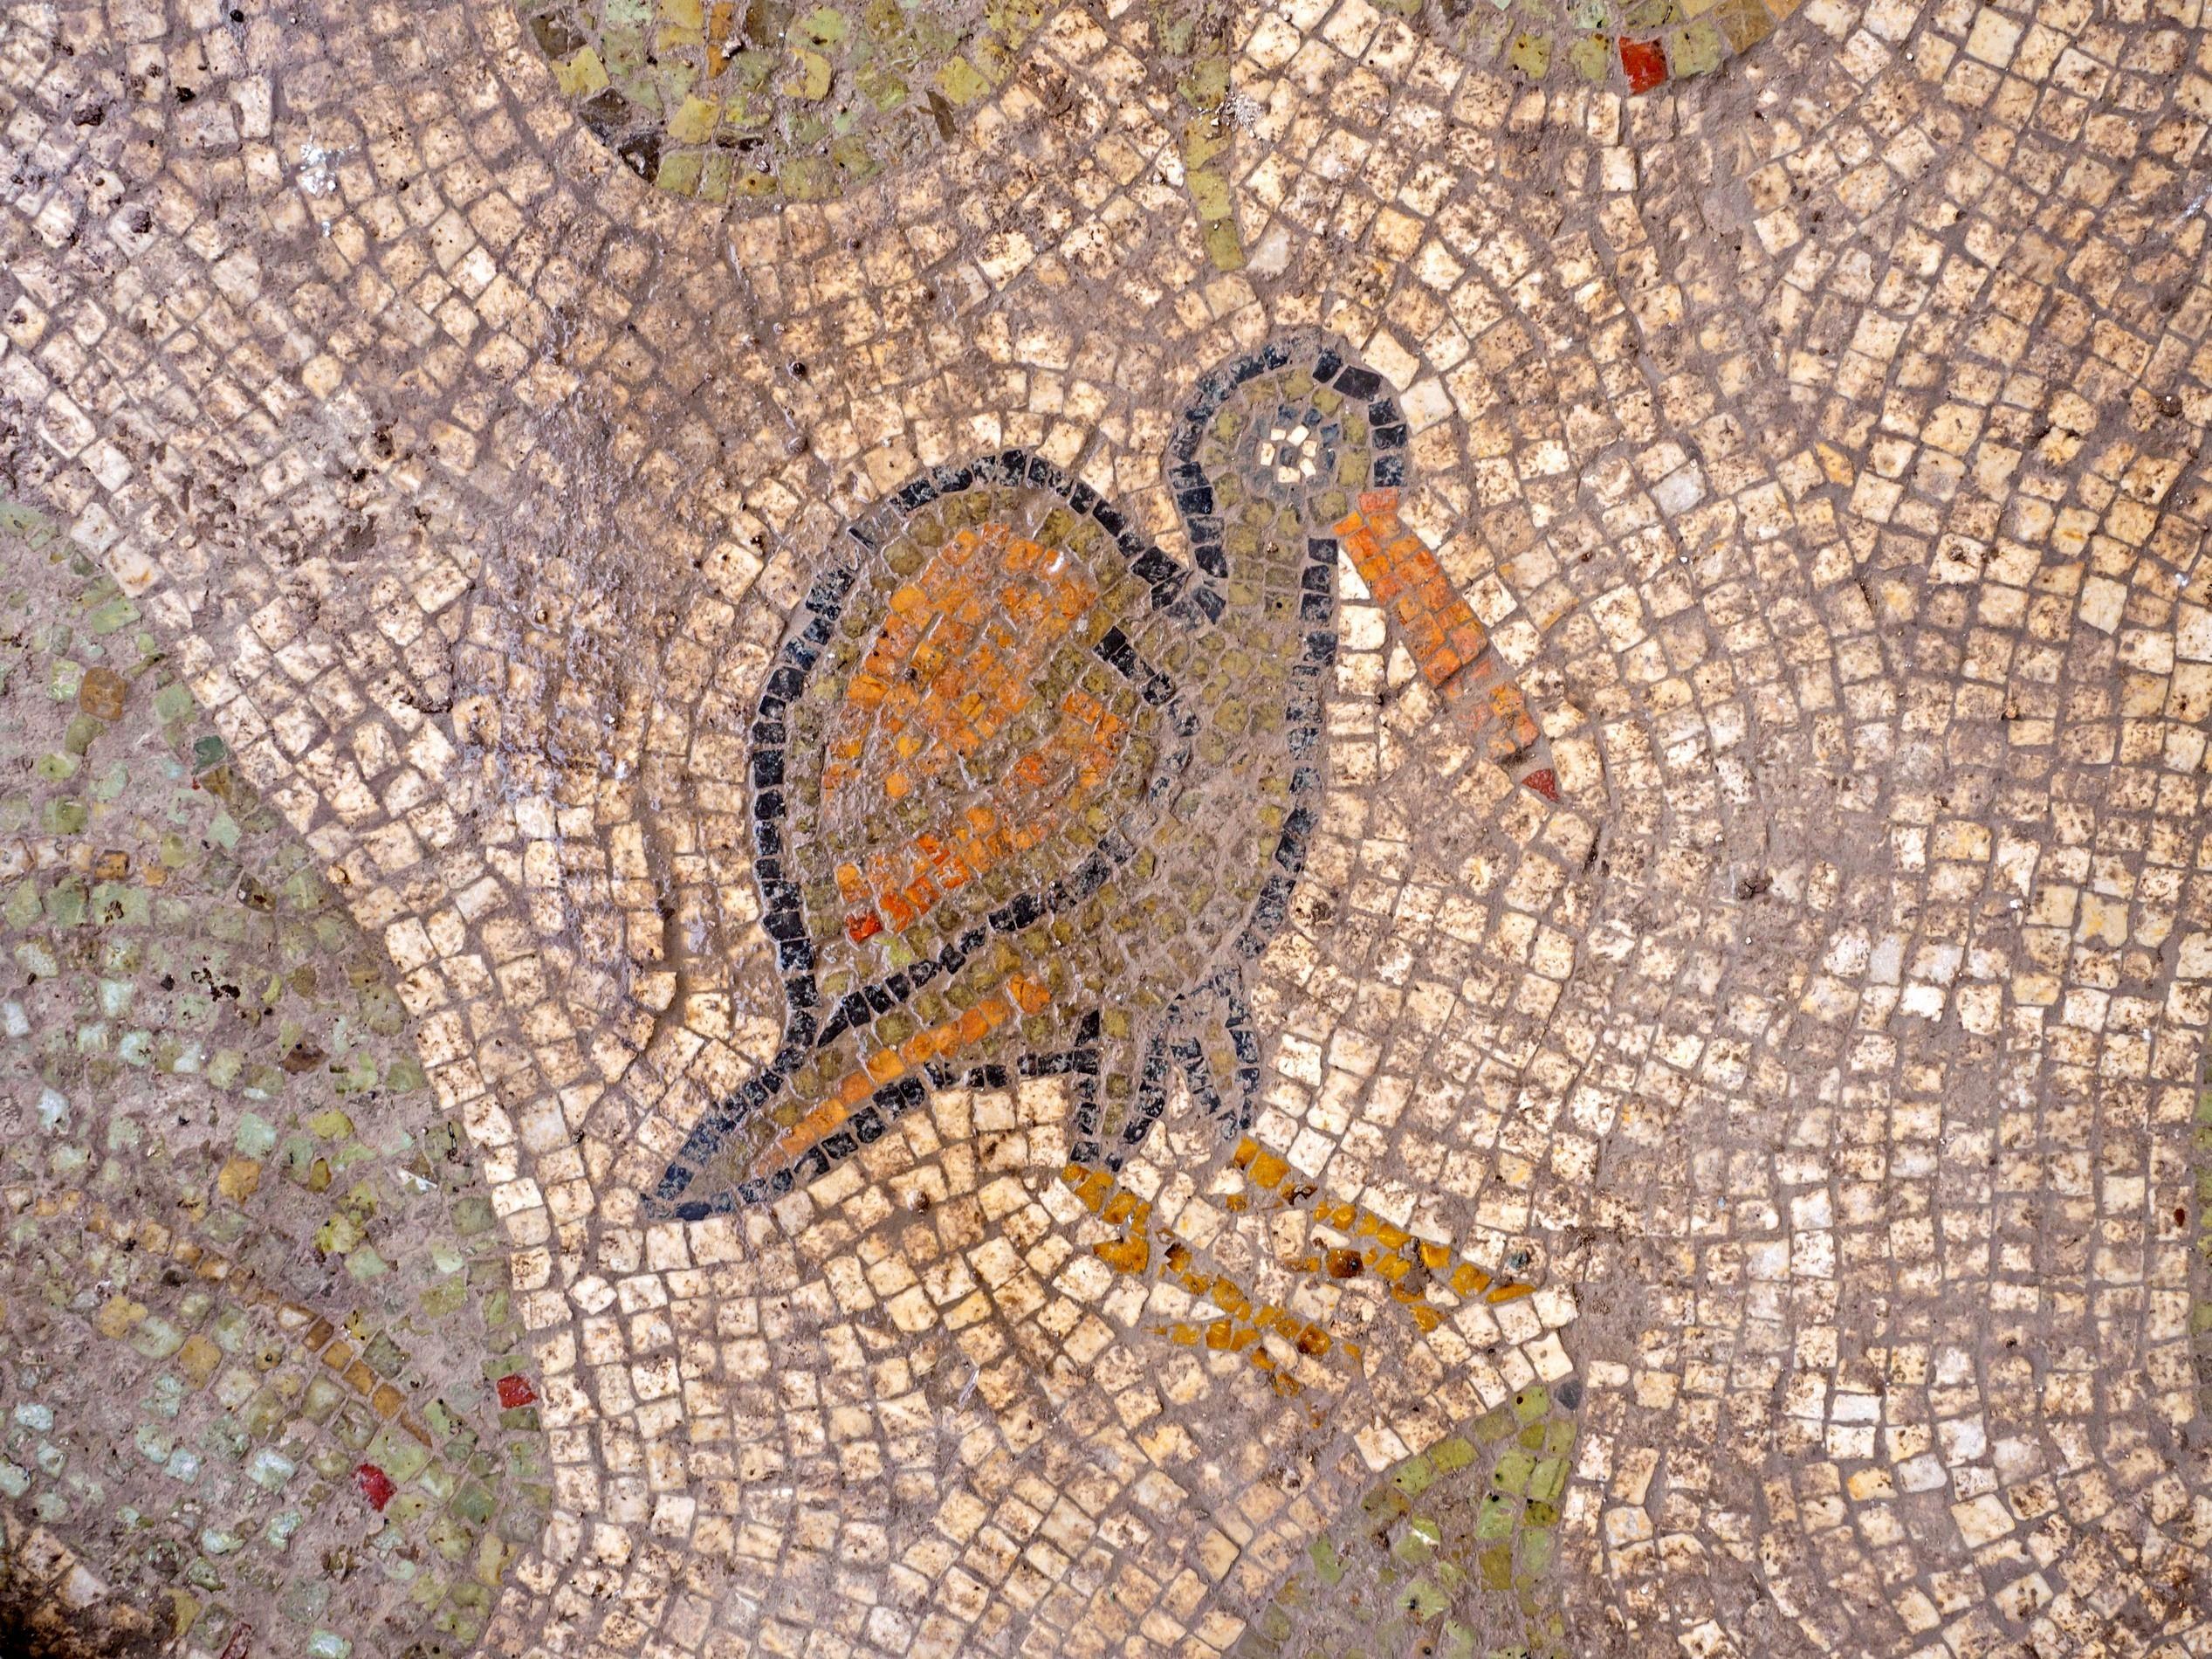 ציפור מתוך הפסיפס שנחשף בקרבת בית שמש. פרט.